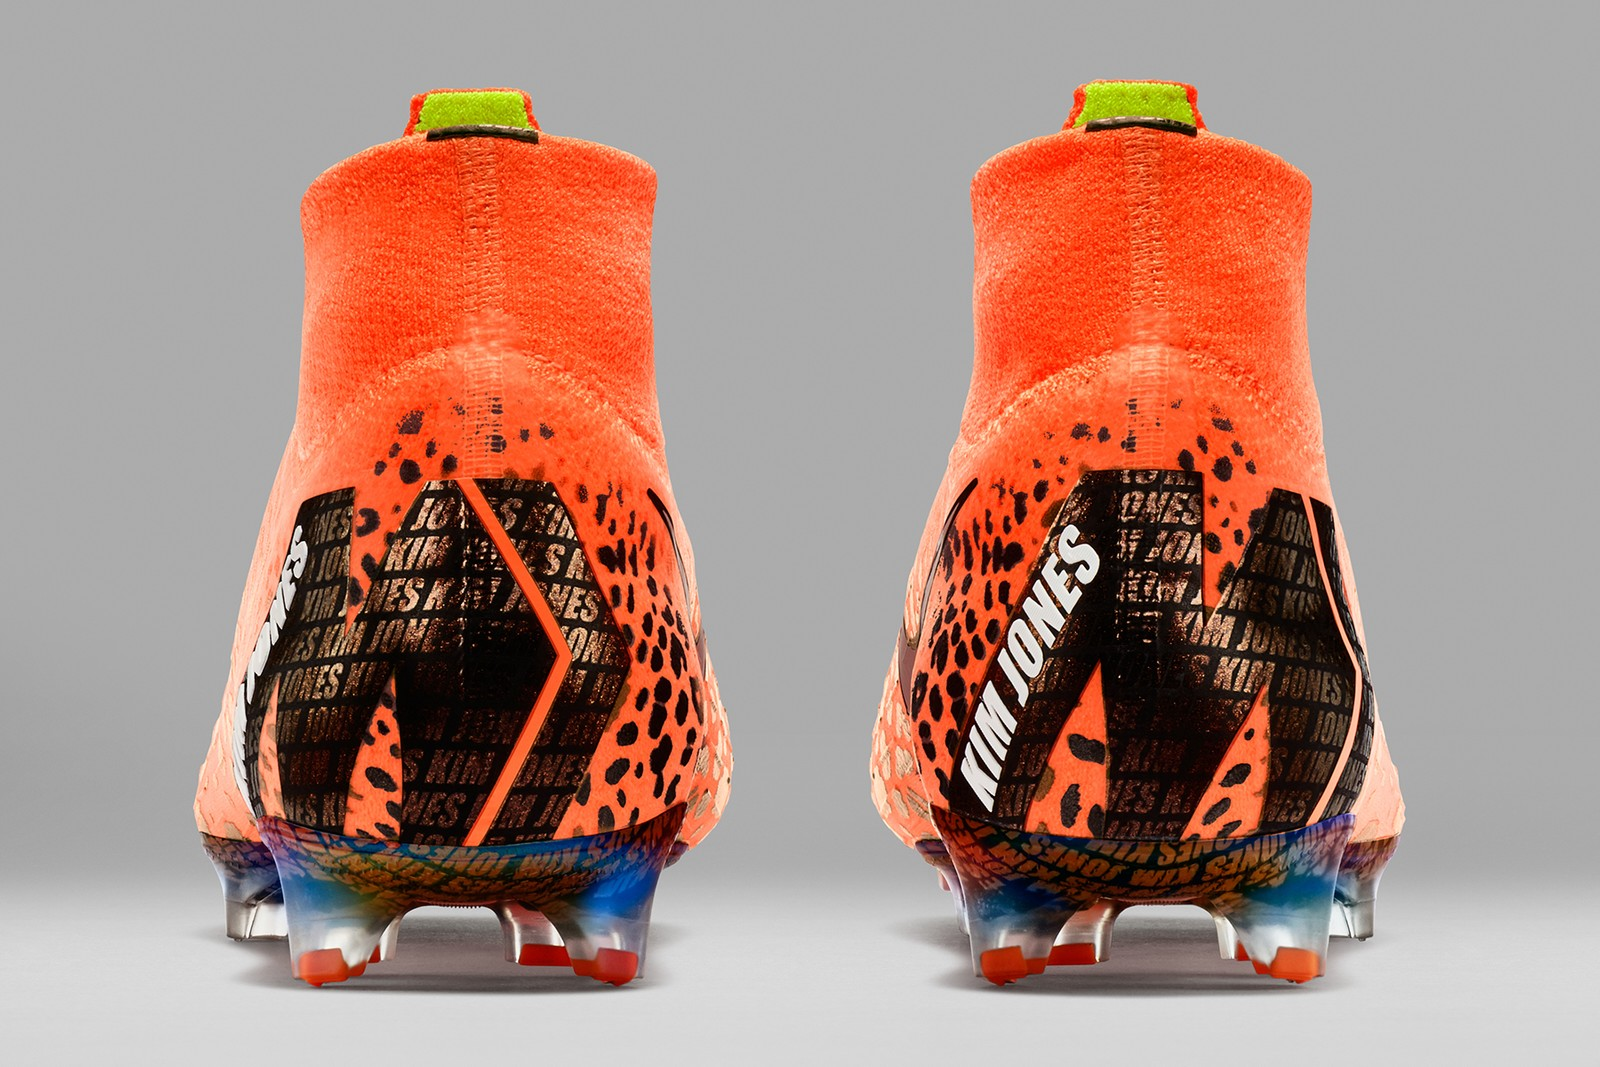 버질 아블로 킴 존스 나이키 머큐리얼 360 축구화 2018 virgil abloh kim jones nike mercurial 360 football boots